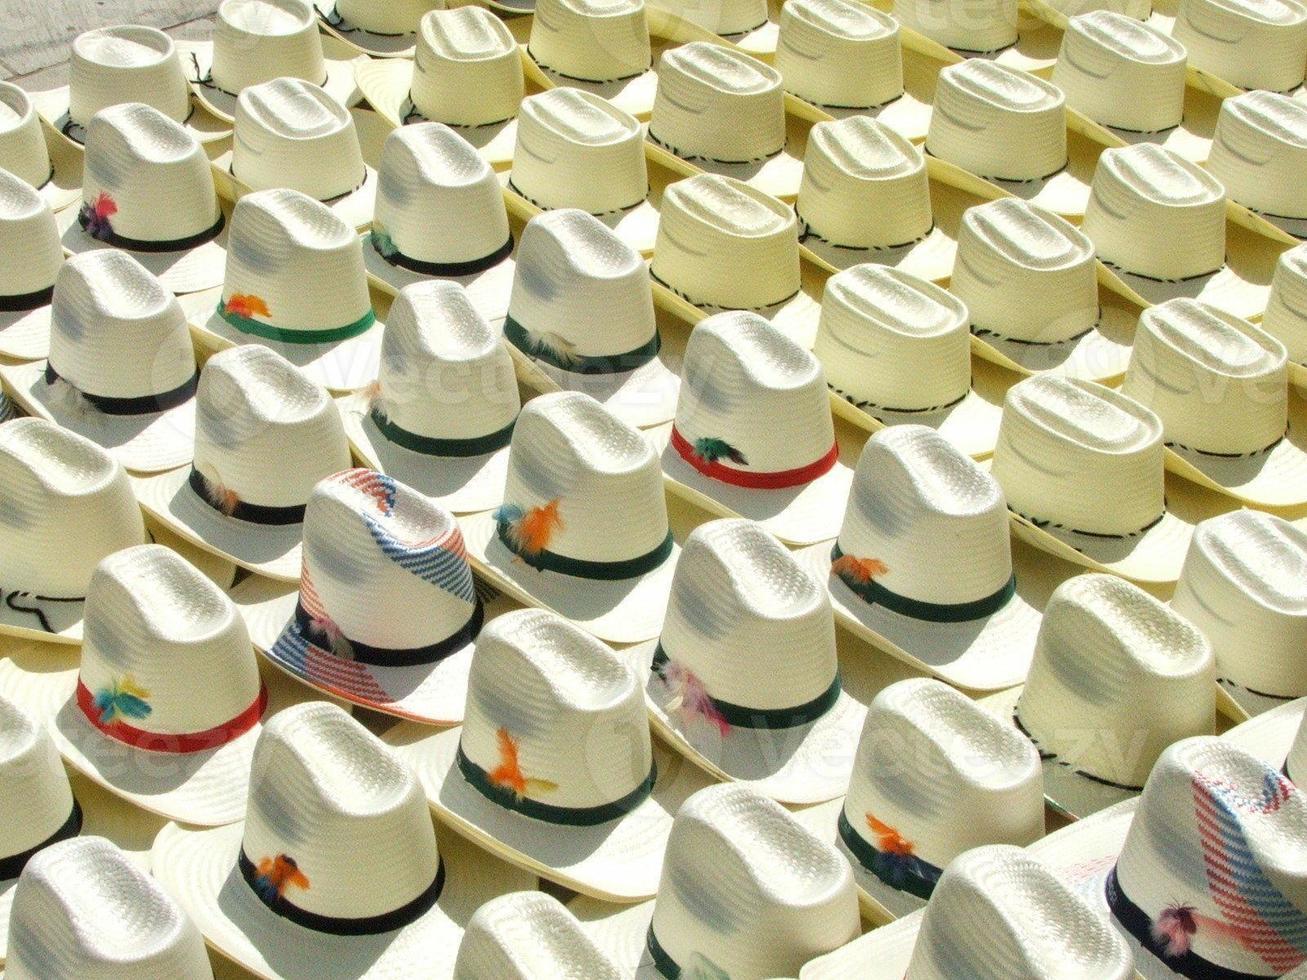 cappelli di Stetson foto